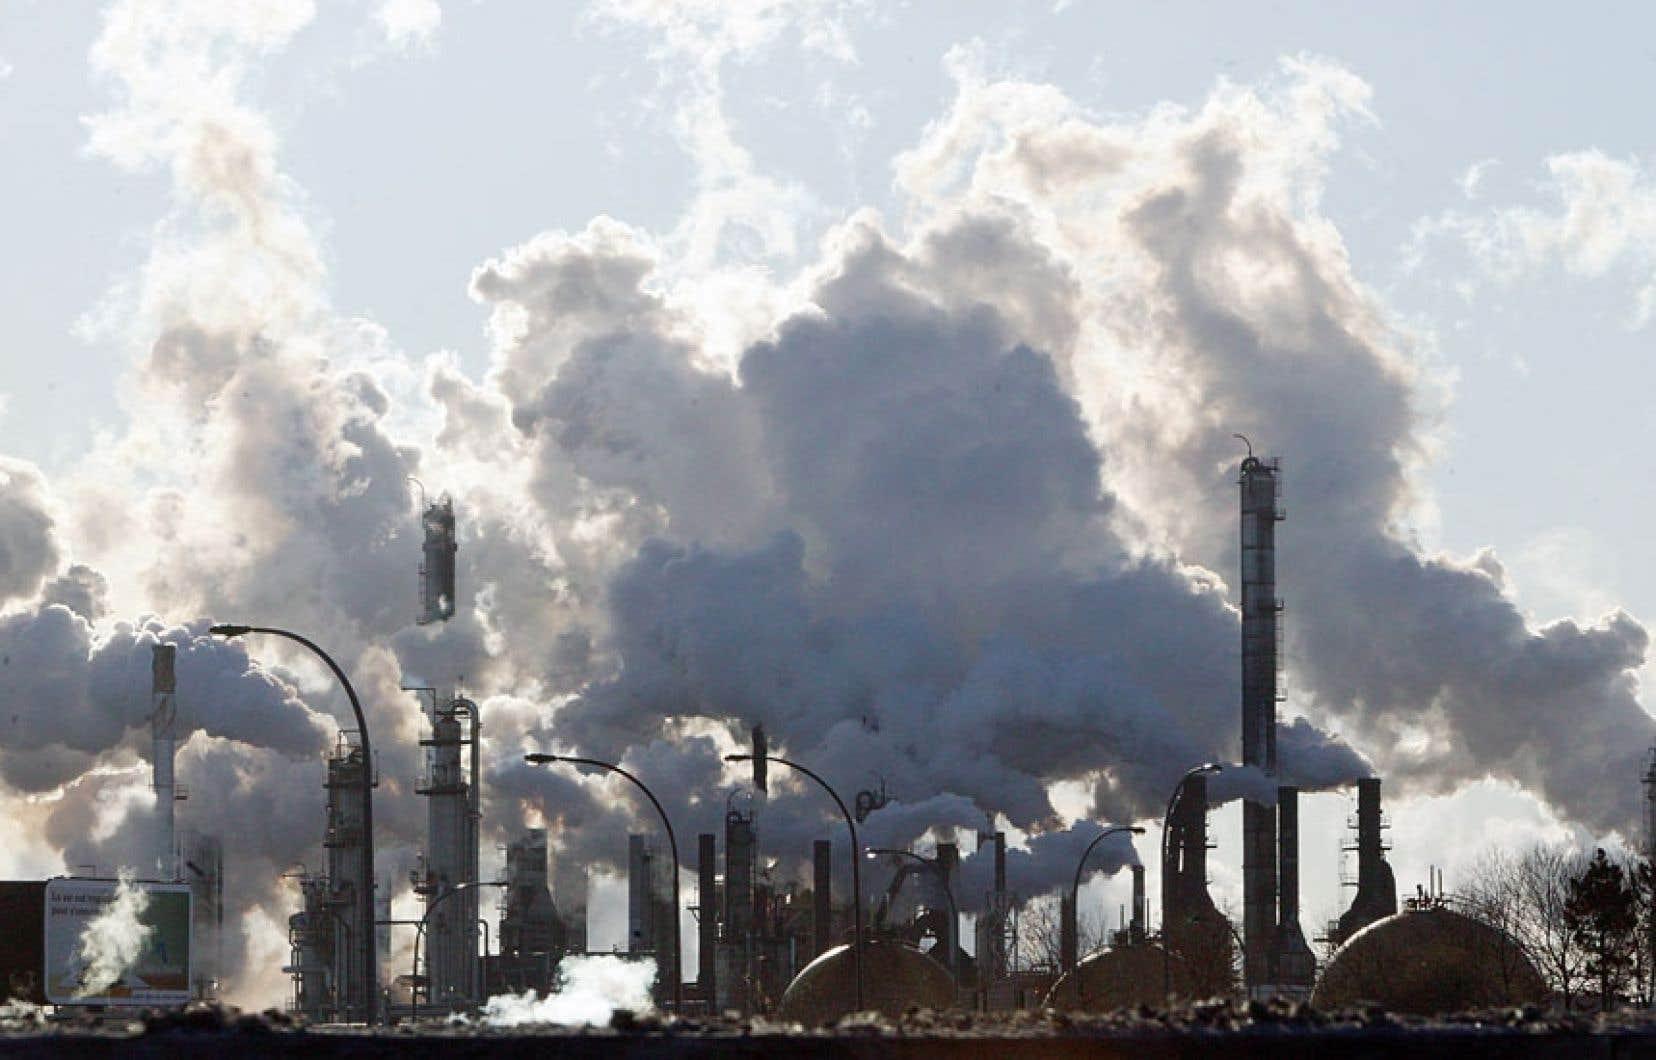 Uniquement en Amérique du Nord, la croissance de la production devrait atteindre 4 millions de barils sur une base quotidienne. Au cours de la présente décennie, les pétrolières exploitant les ressources canadiennes comptent pour leur part doubler leur production quotidienne, à 3,5 millions de barils.